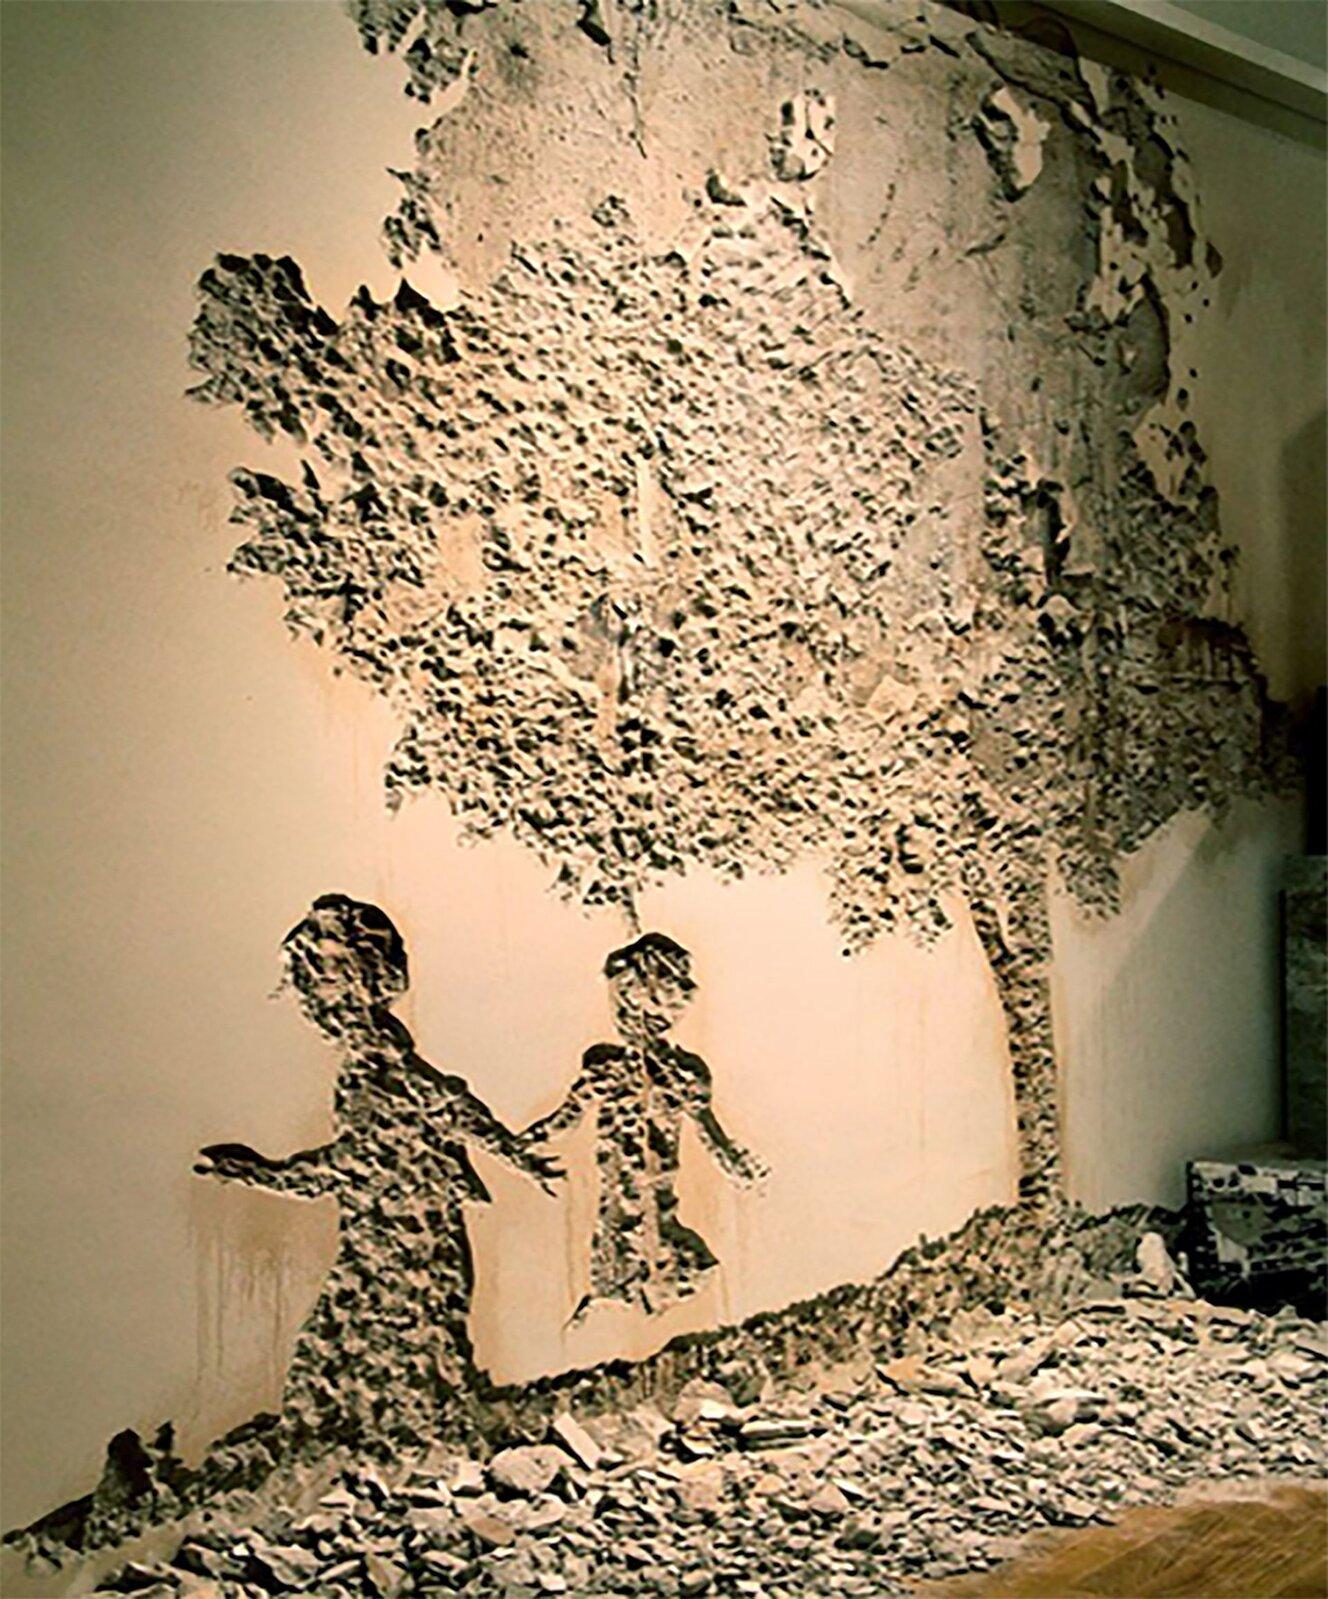 Ilustracja przedstawia dzieło Alexandre'a Farta, wykonane metodą wydrapywania. Ukazuje dwoje dzieci pod drzewem. Postacie idrzewo są wydrapane, natomiast tłem jest tynk.